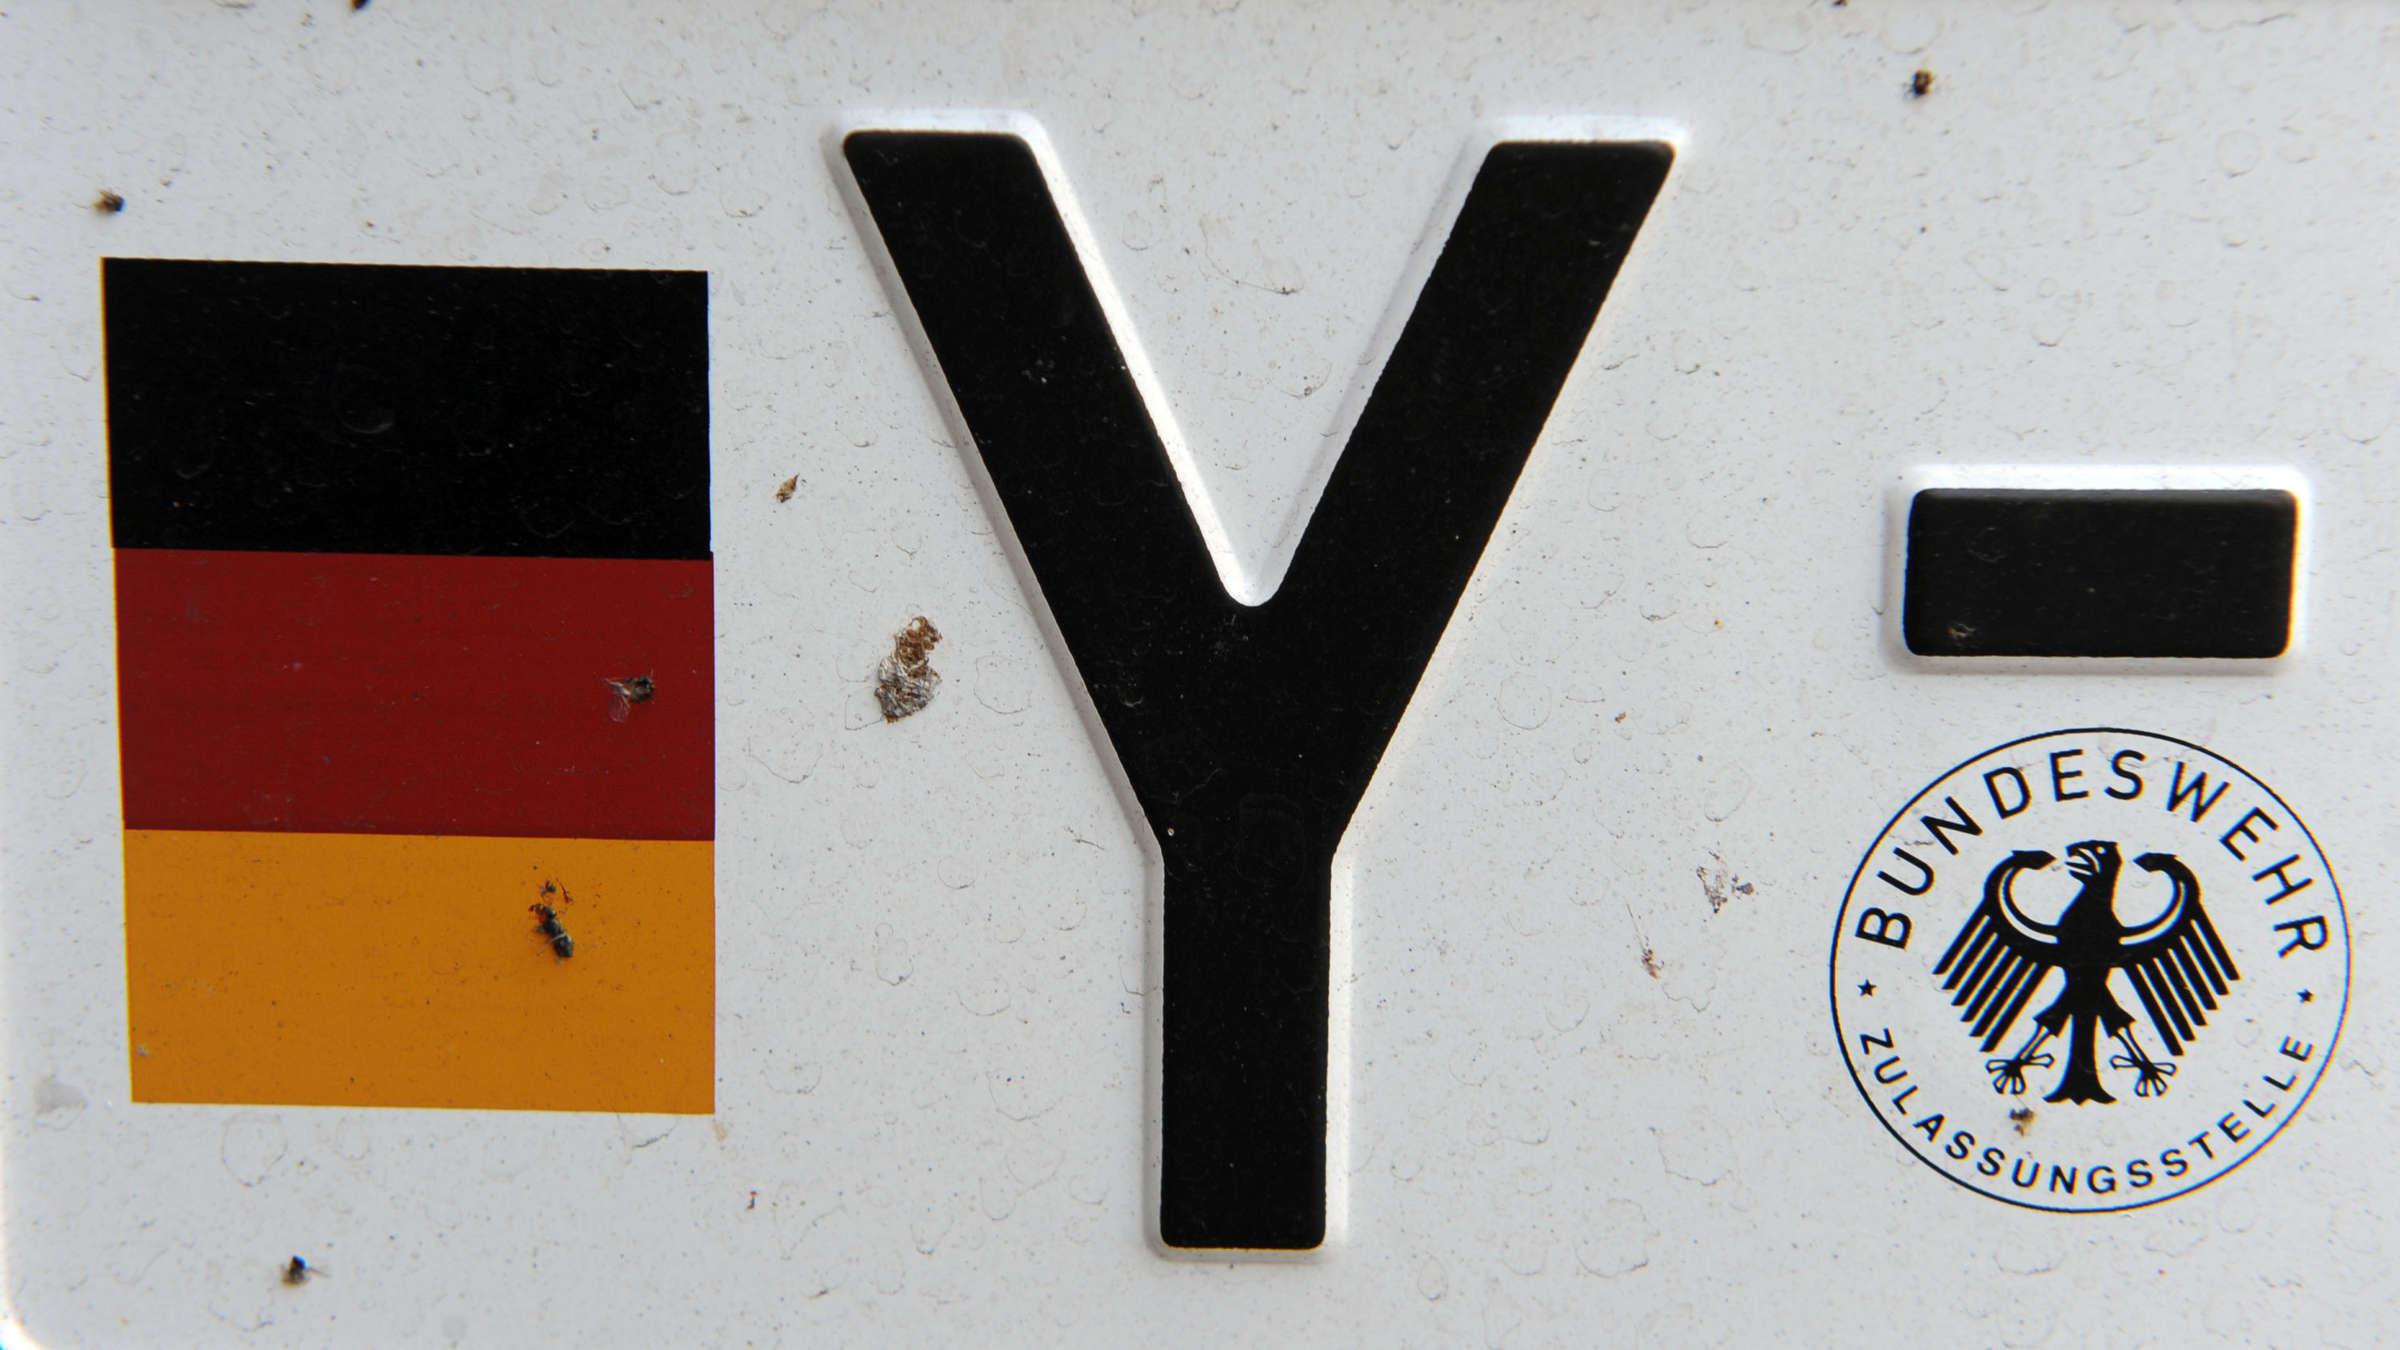 Y-Kennzeichen Auf Bundeswehr-Fahrzeugen: Das Steckt Dahinter mit Deutsche Worte Mit Y